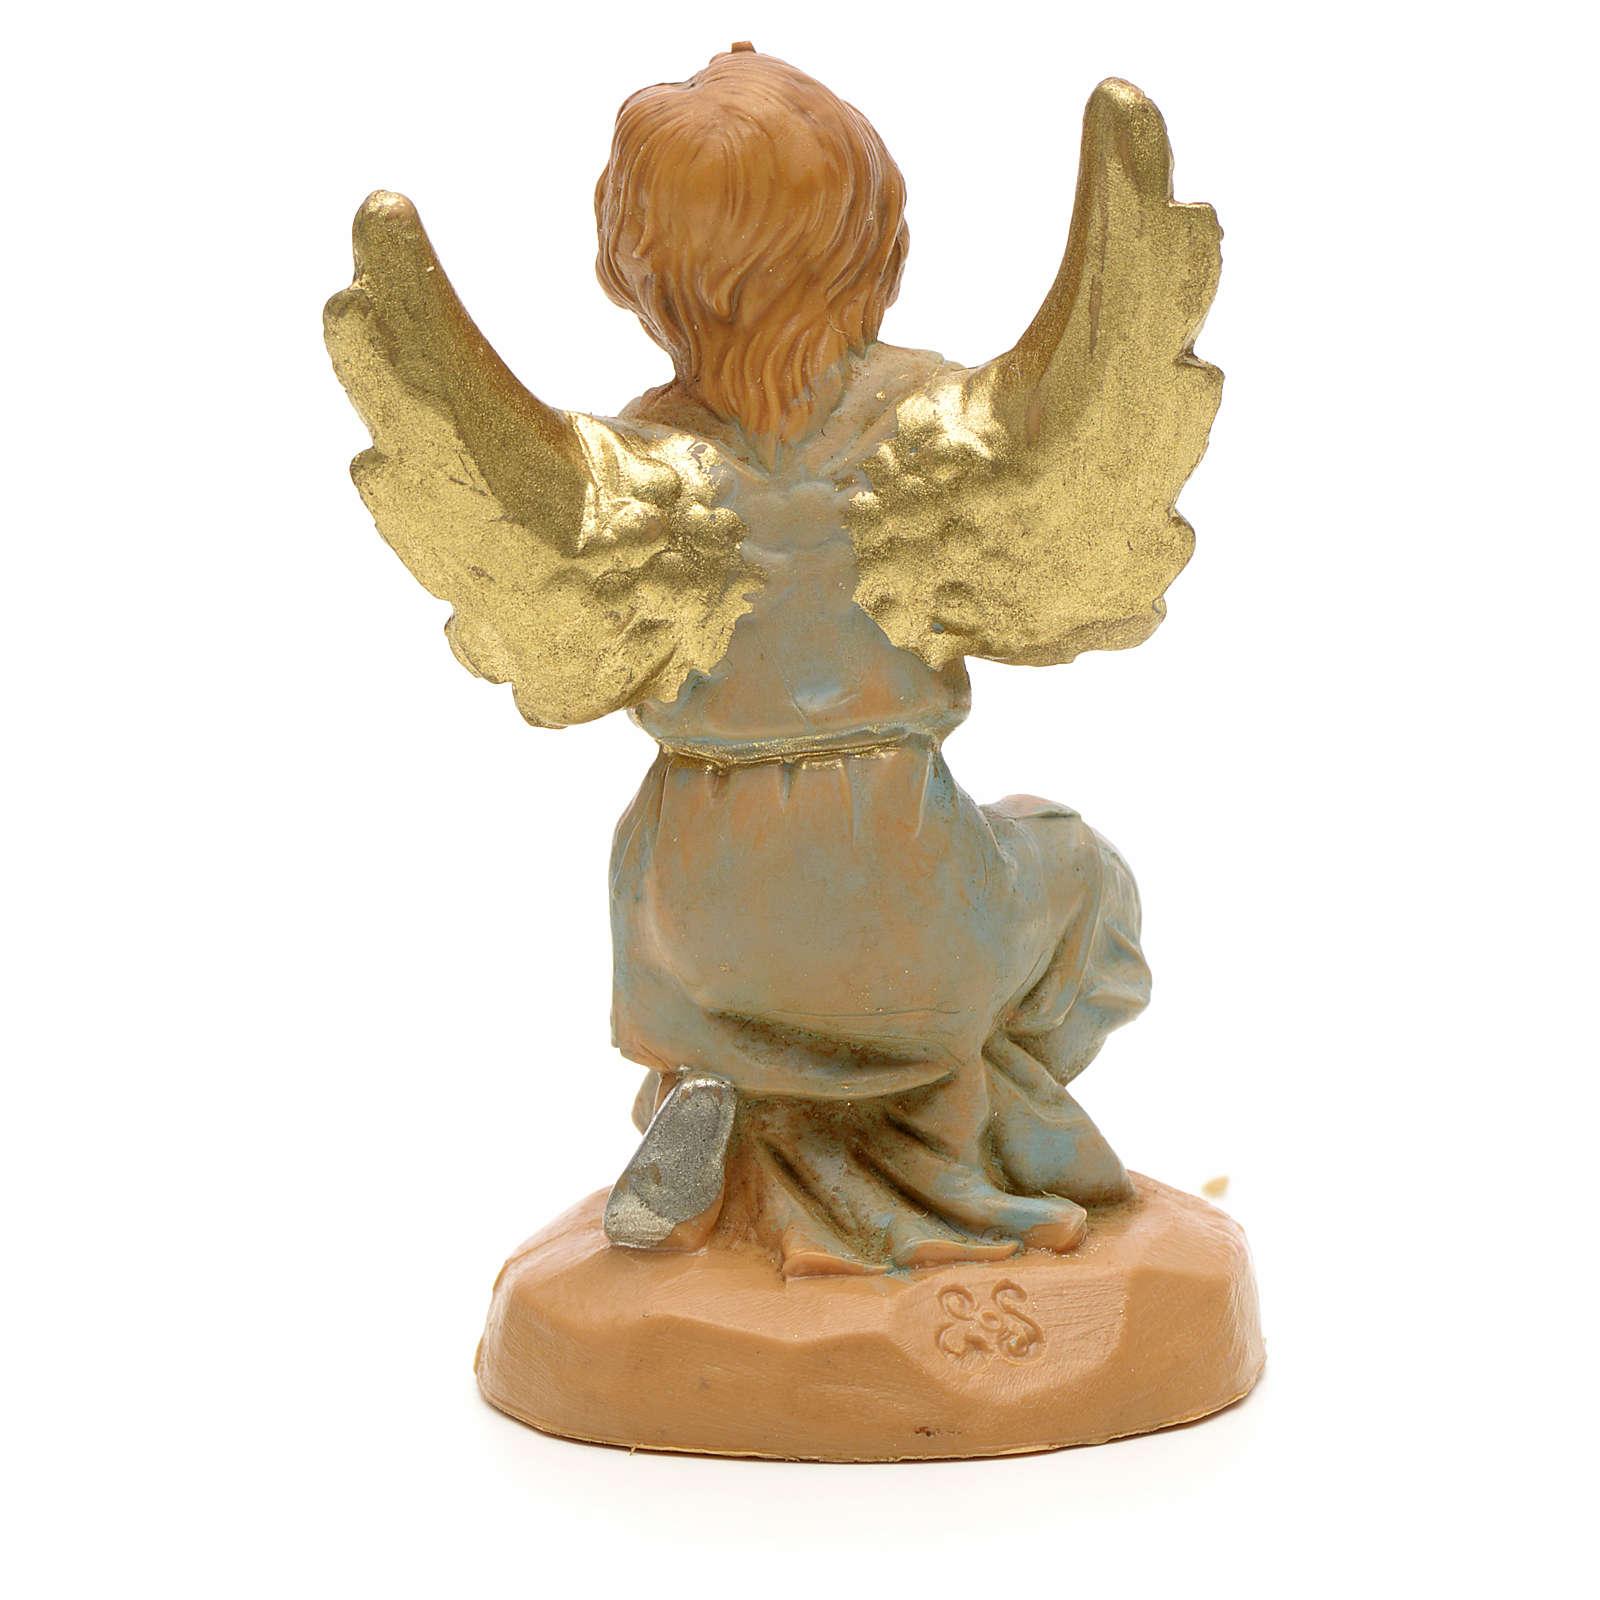 Anioł klęczący Fontanini 6.5 cm 4